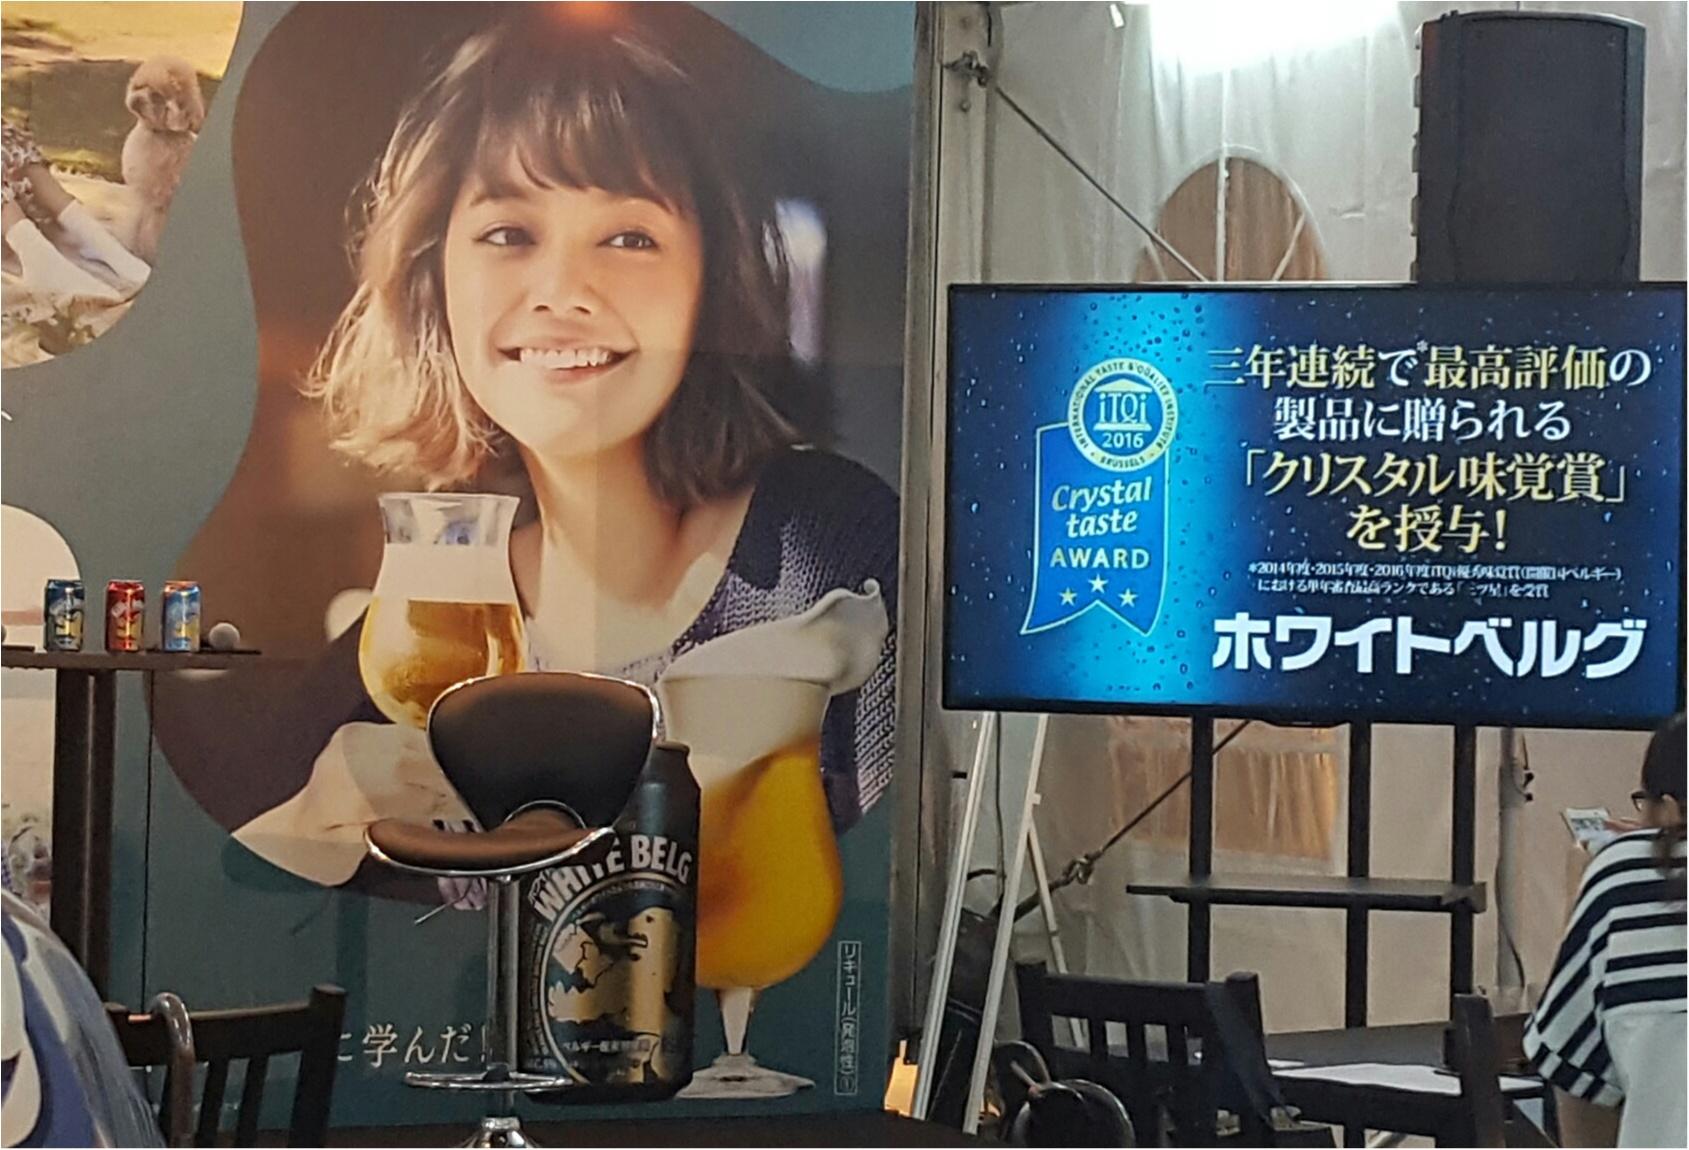 大阪・ホワイトベルグフェスでお料理&飲み比べ 堪能☆_4